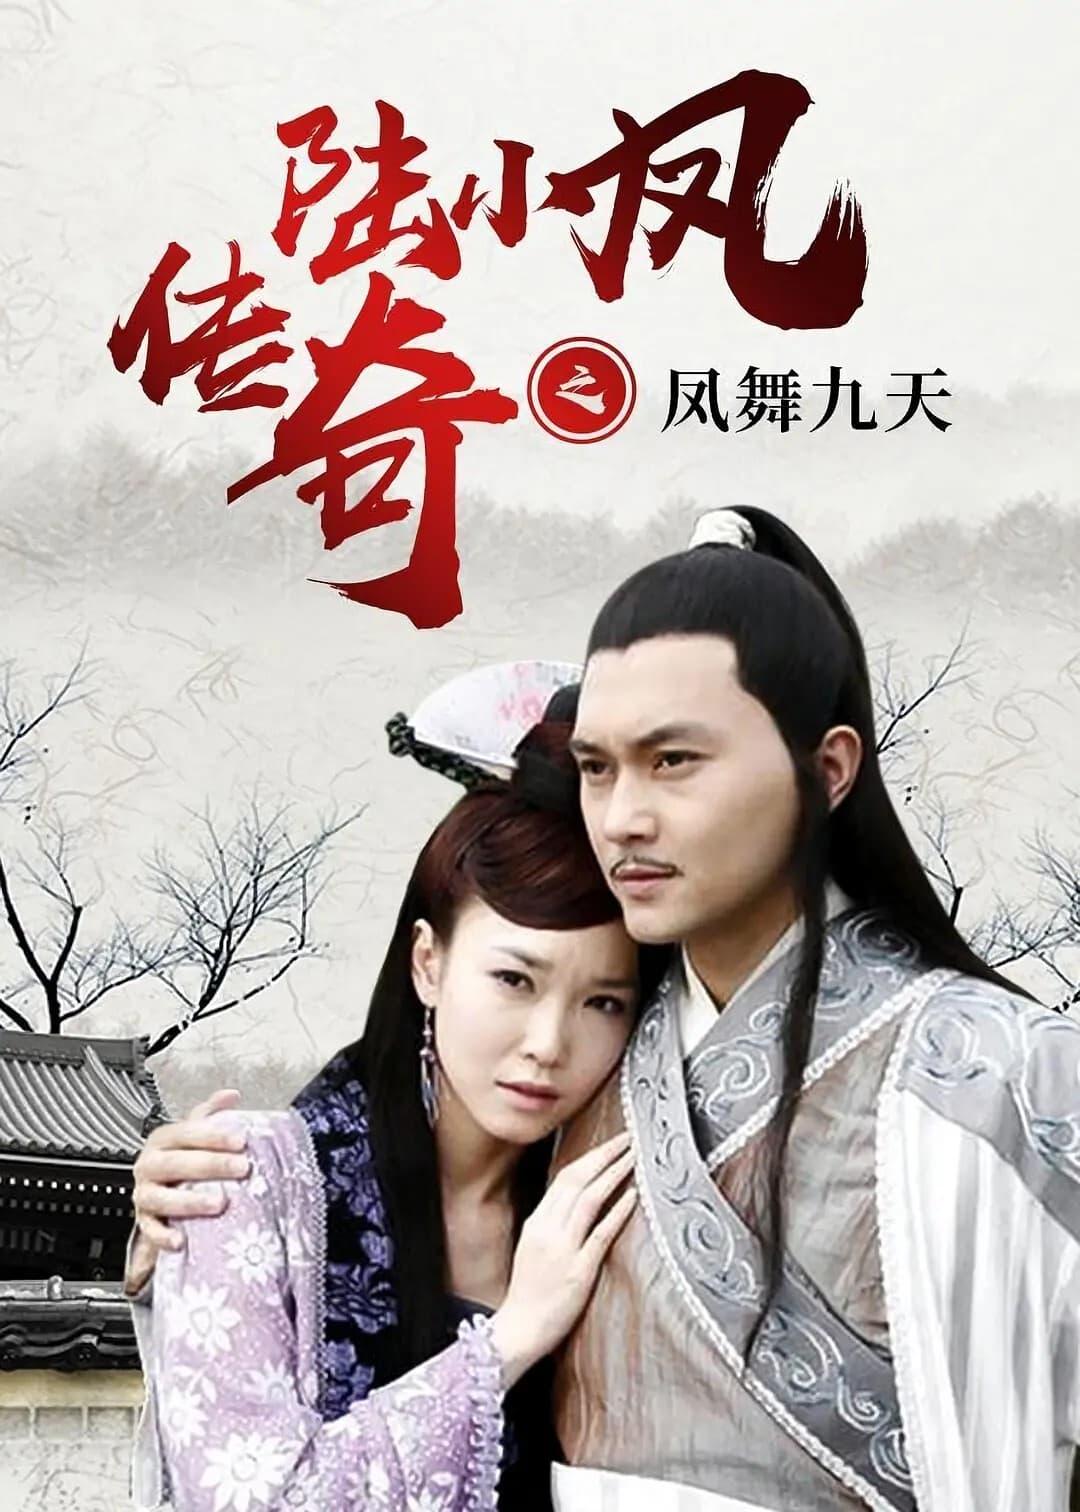 Legend of Lu Xiao Feng